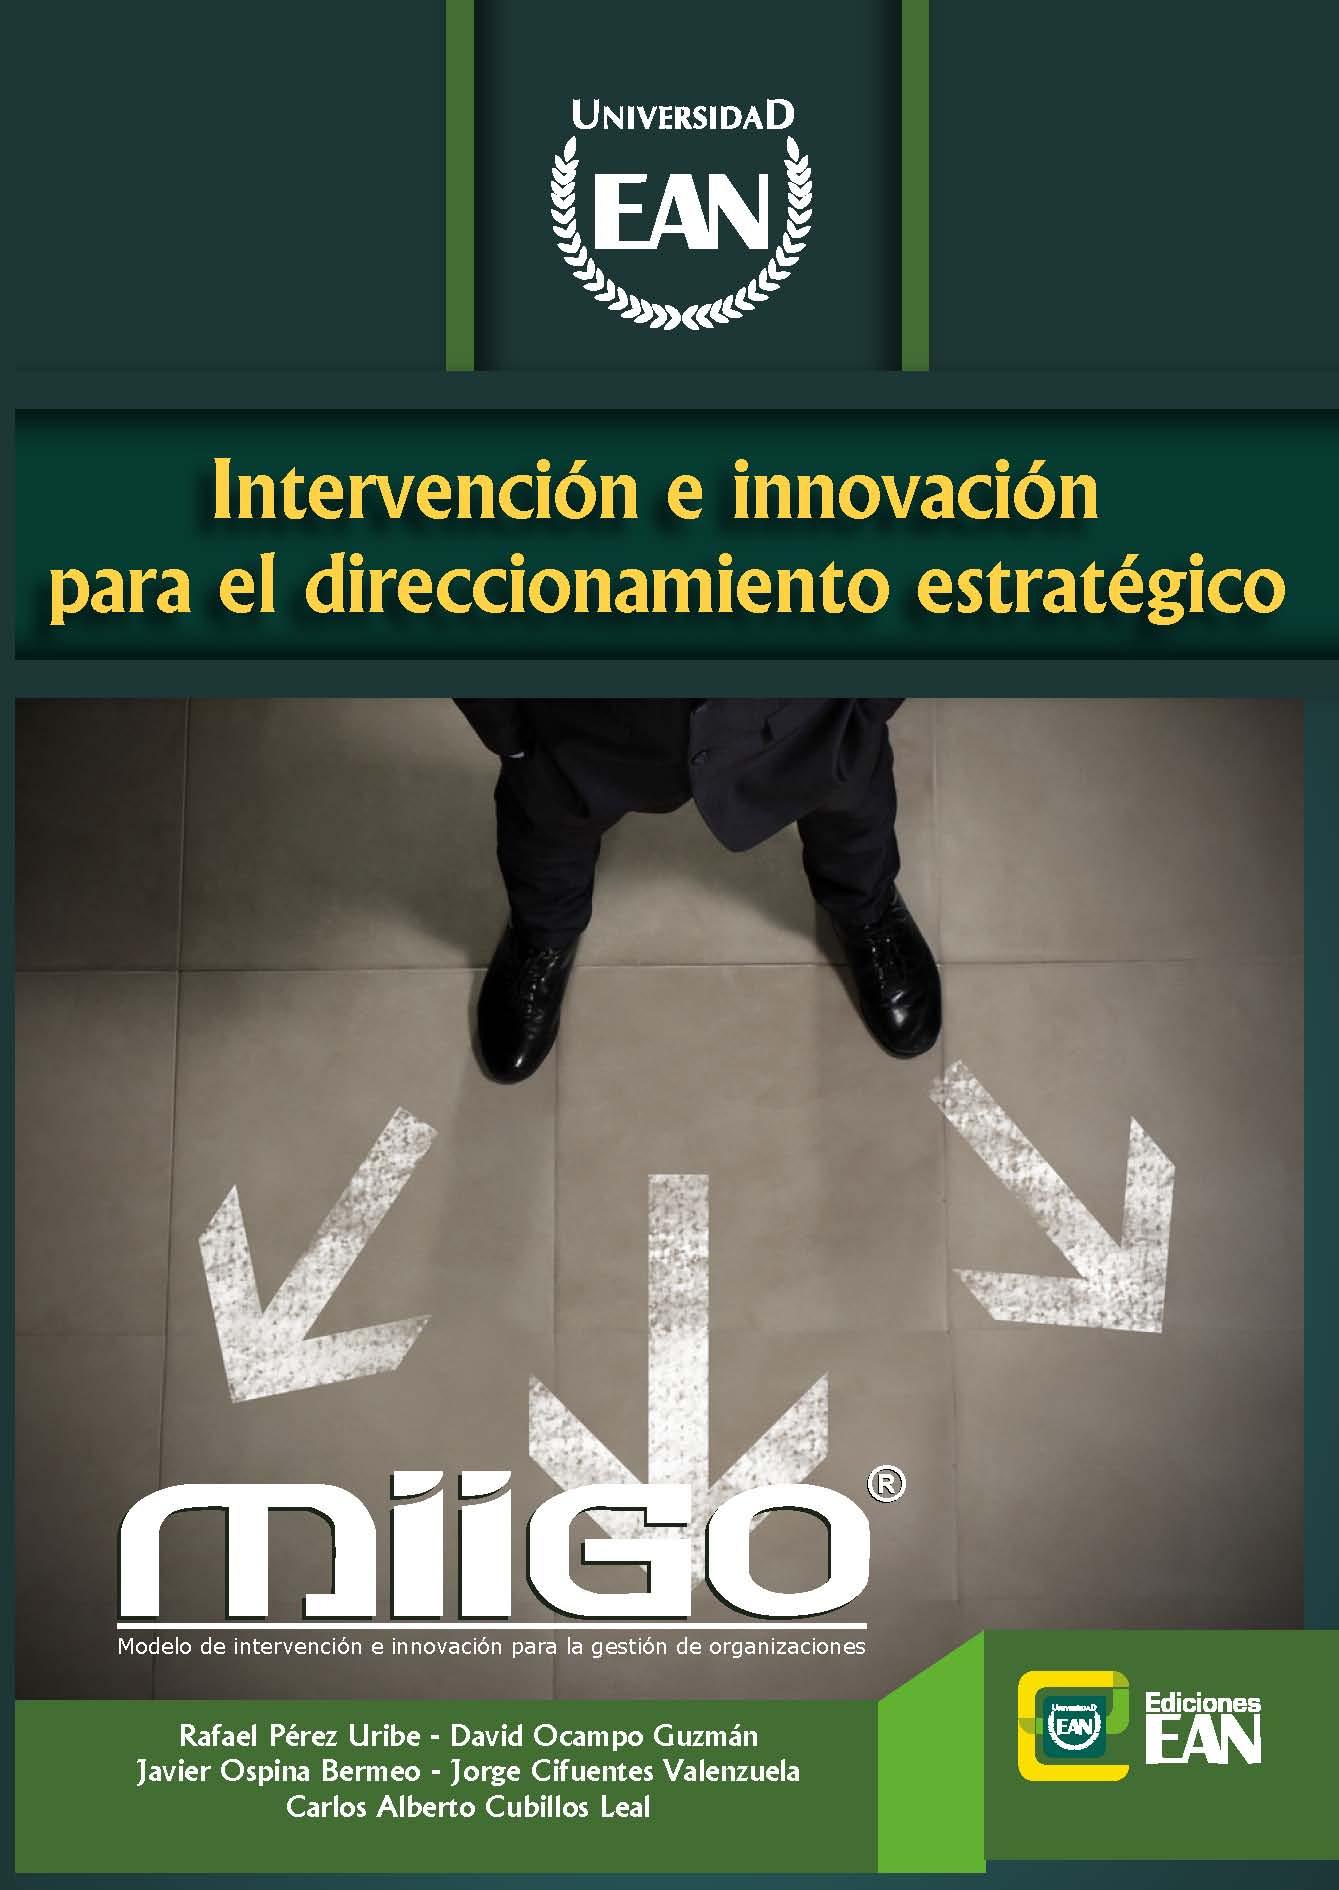 MIIGO - Intervención e innovación para el direccionamiento estratégico